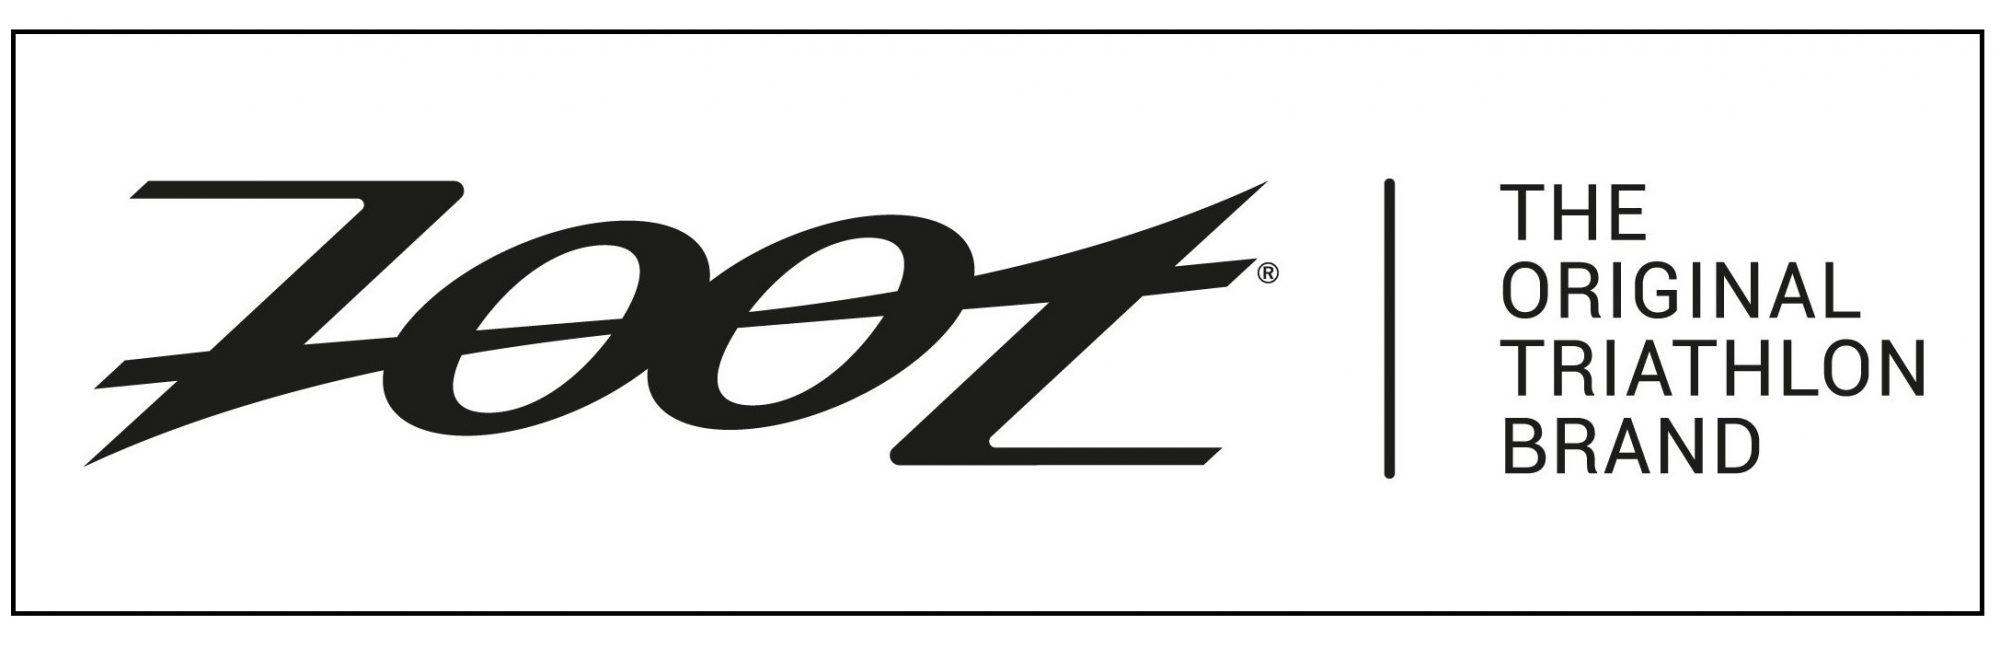 zoot original trathlon brand